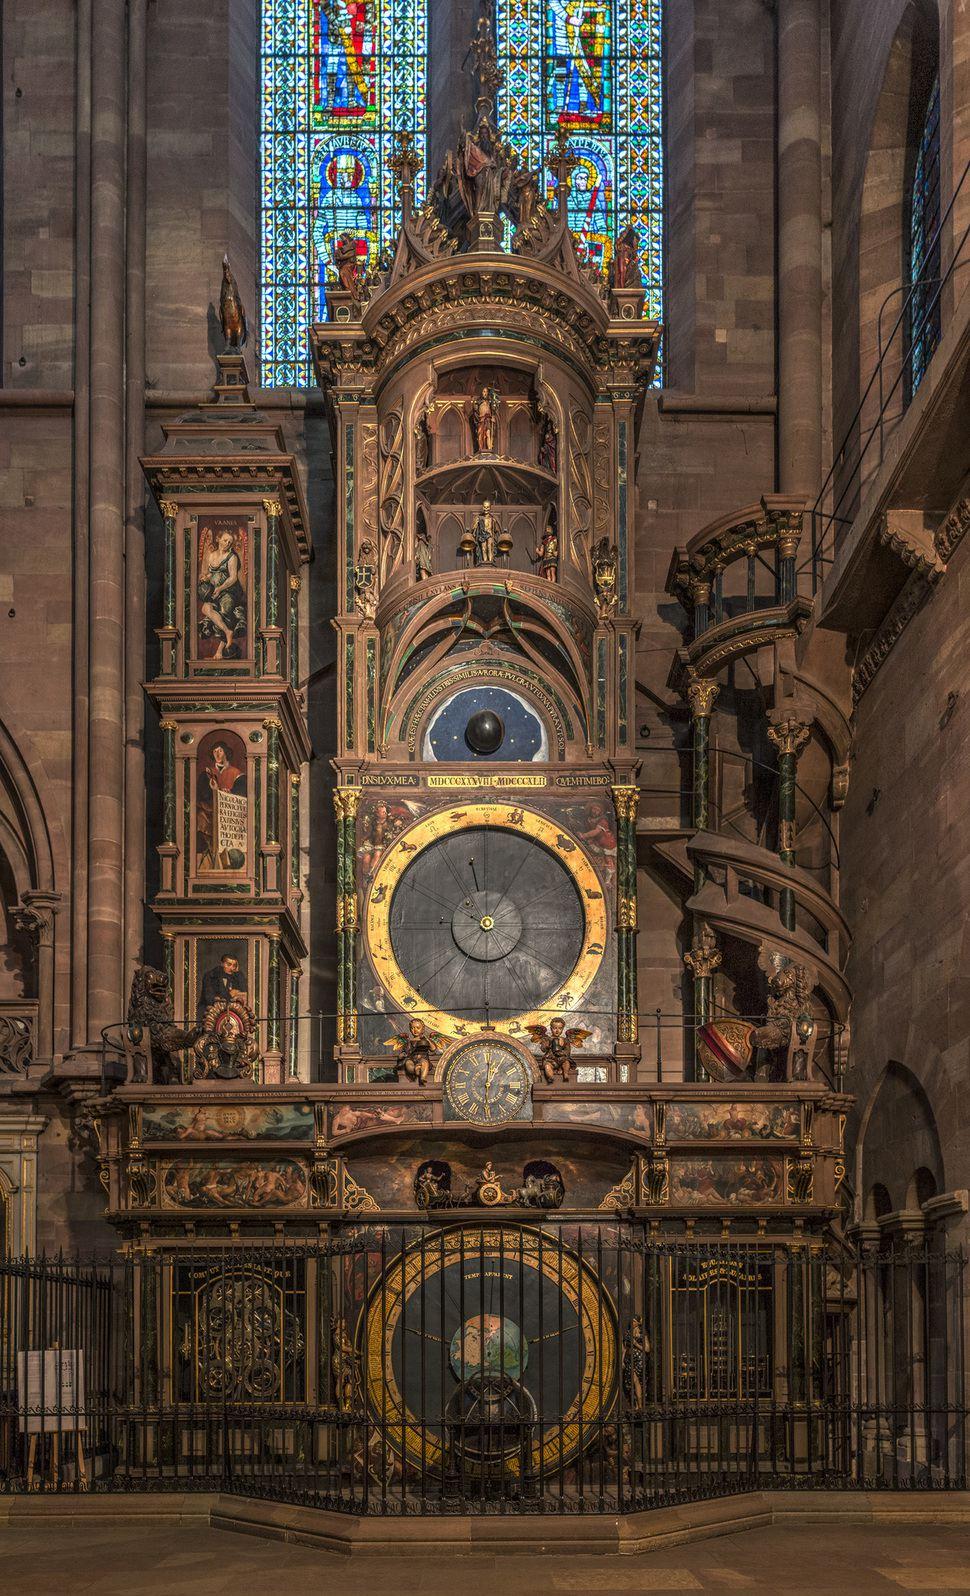 그림5. 스트라스부르 대성당 천문시계, ⓒDAVID ILIFF